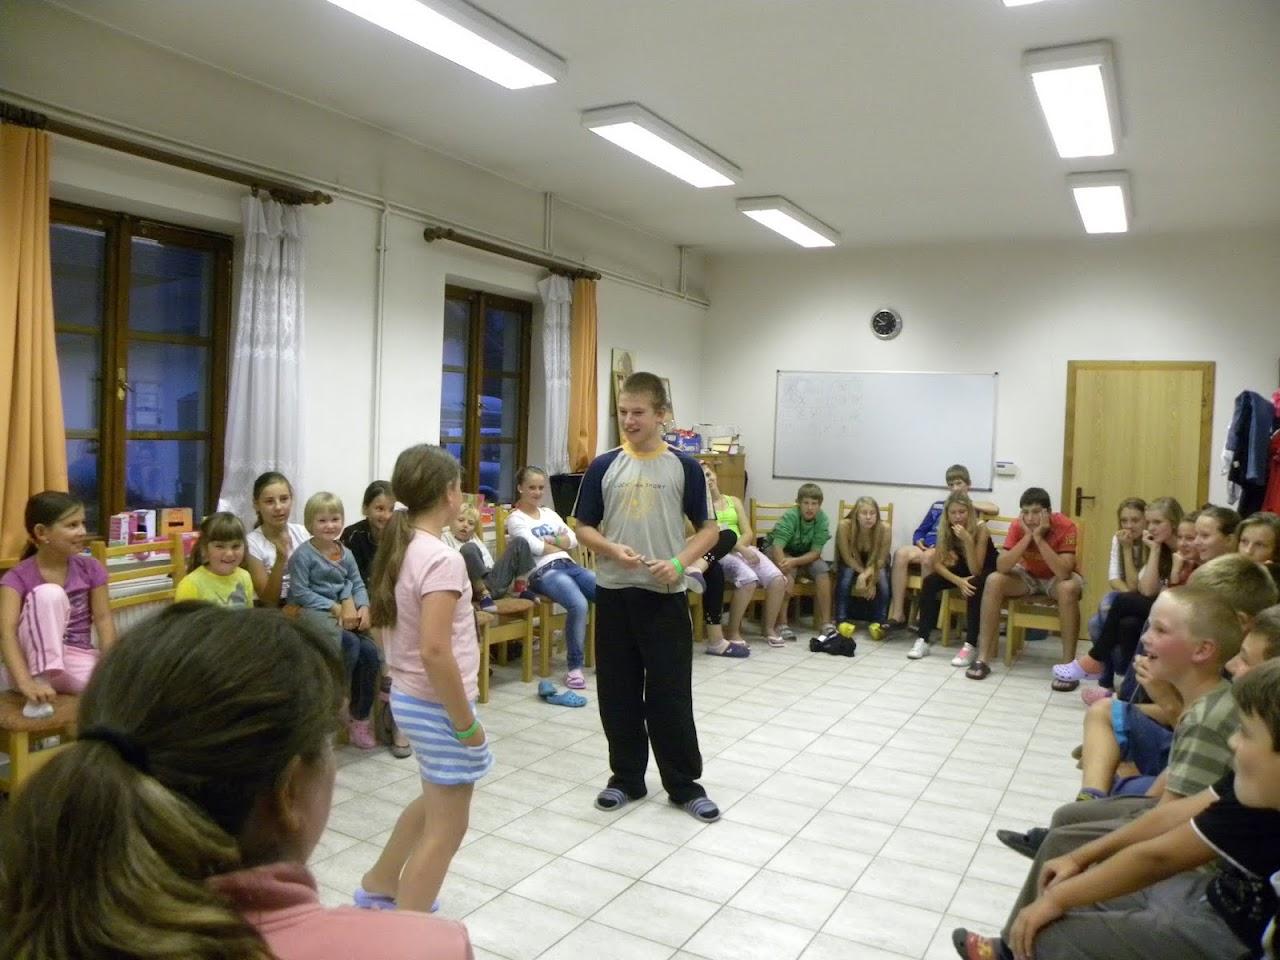 Tábor - Veľké Karlovice - fotka 475.JPG